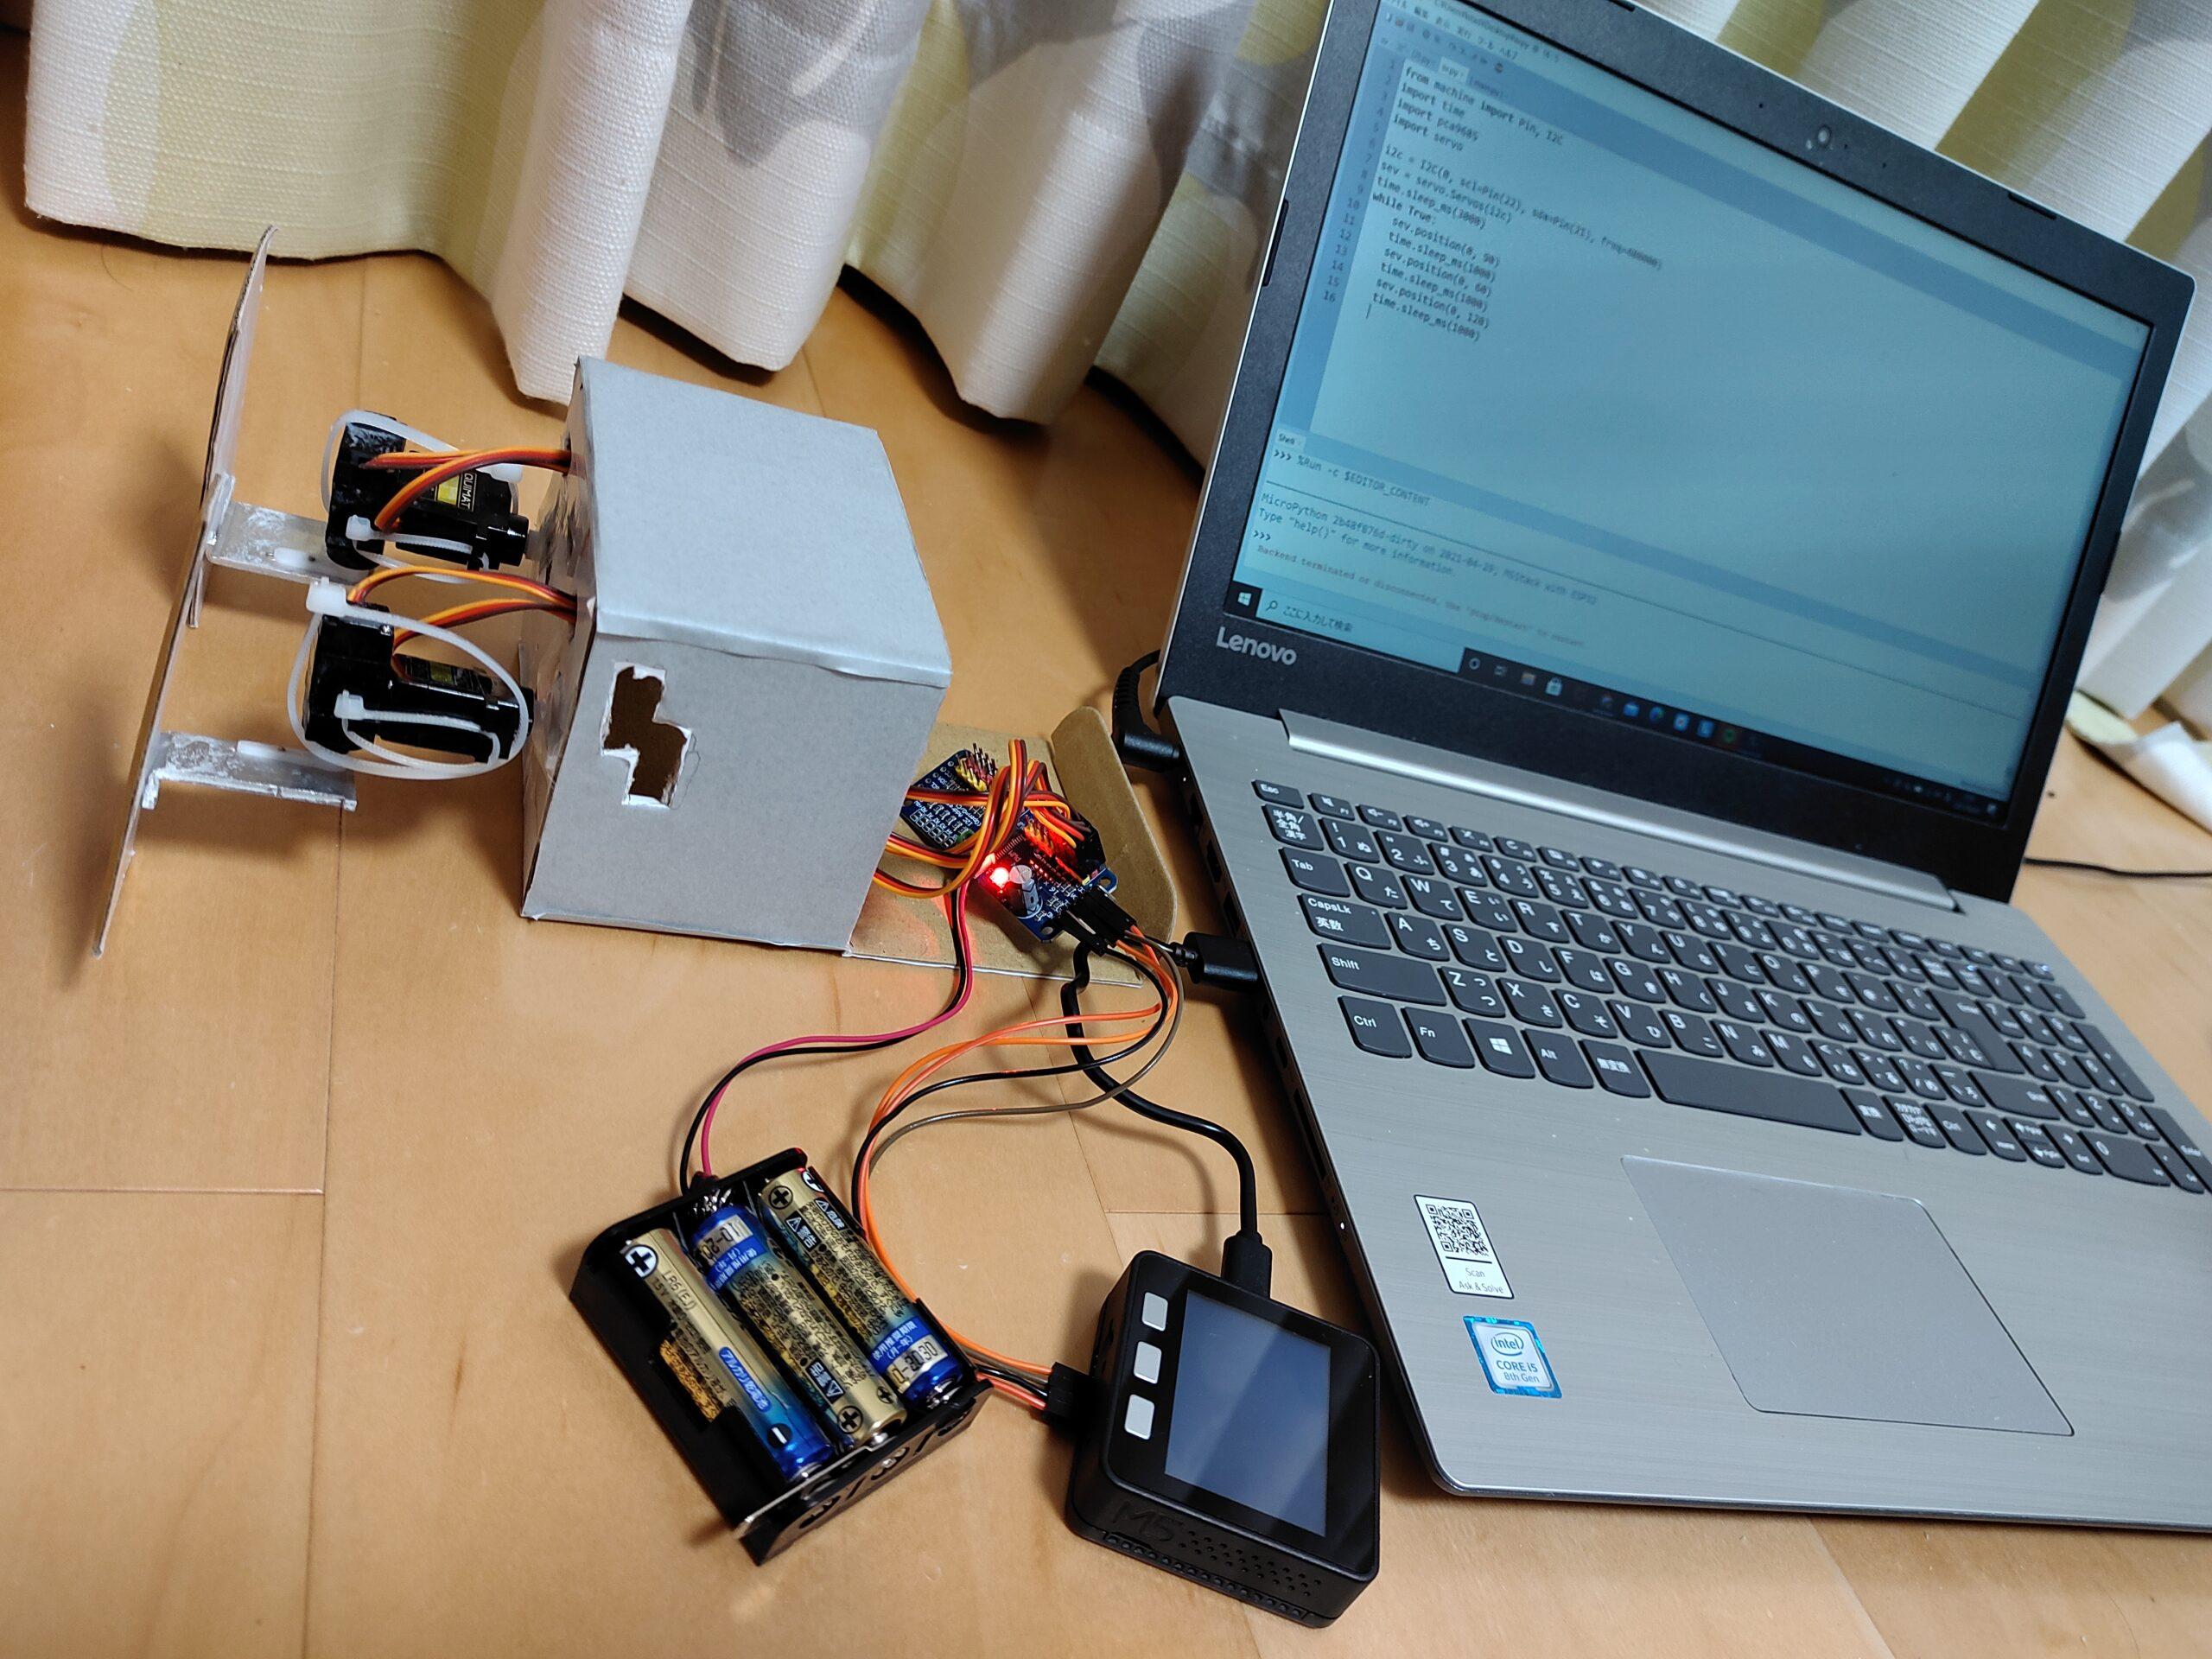 M5stackで2足歩行ロボットの作成②「micropythonでPCA9685を制御してサーボモーターを動かしてみる」